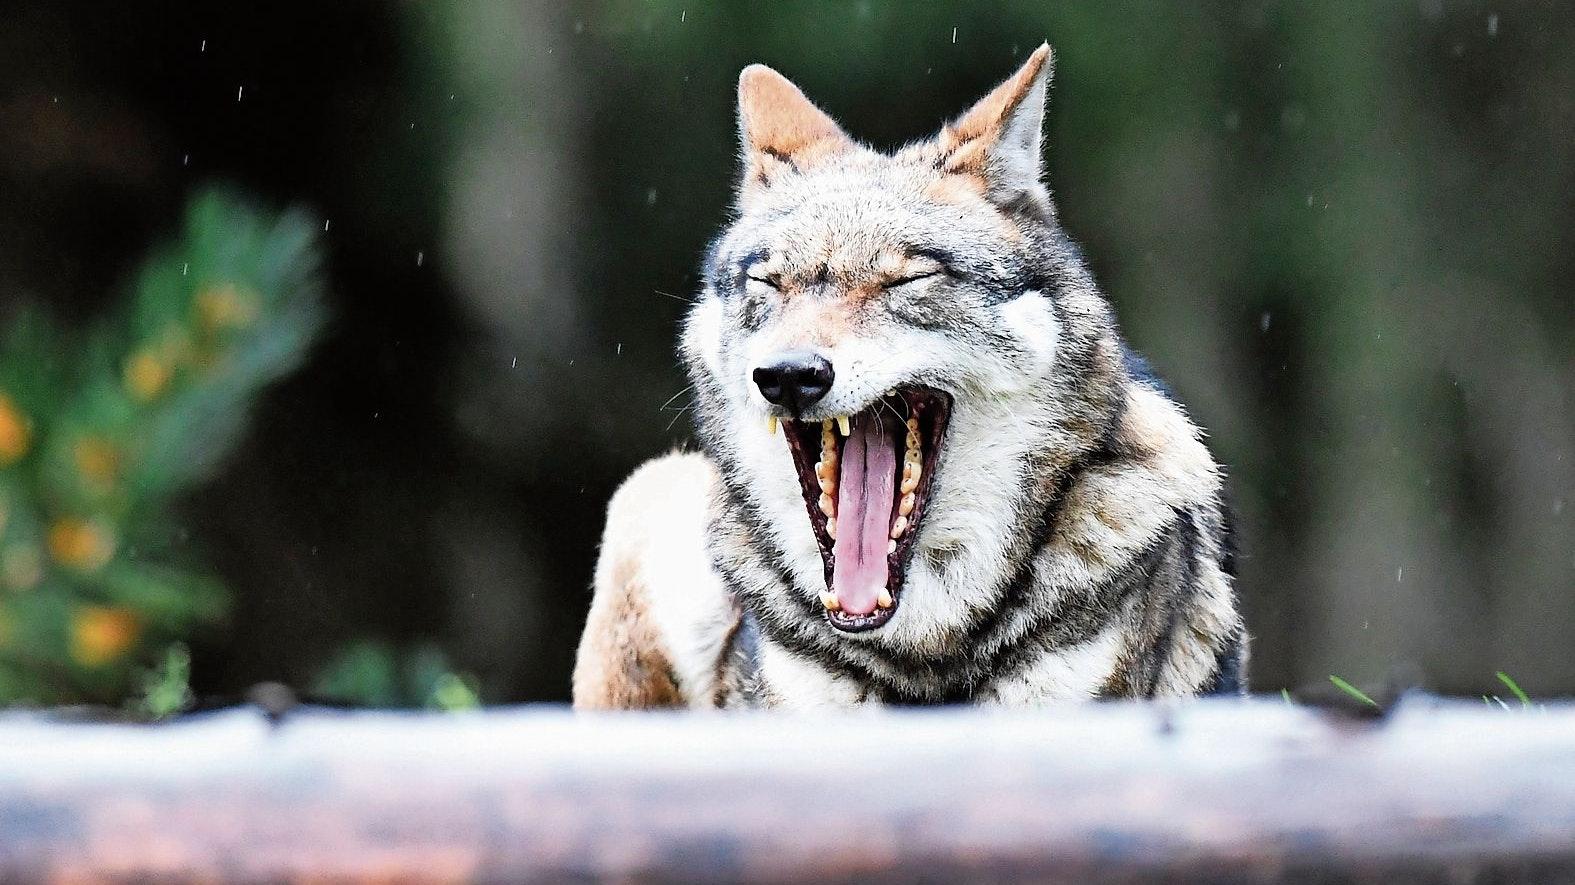 Streitobjekt Wolf: Der Abschuss einer Fähe bei Löningen stößt auf unterschiedliche Reaktionen. Foto: picture alliance/dpa | Carsten Rehder